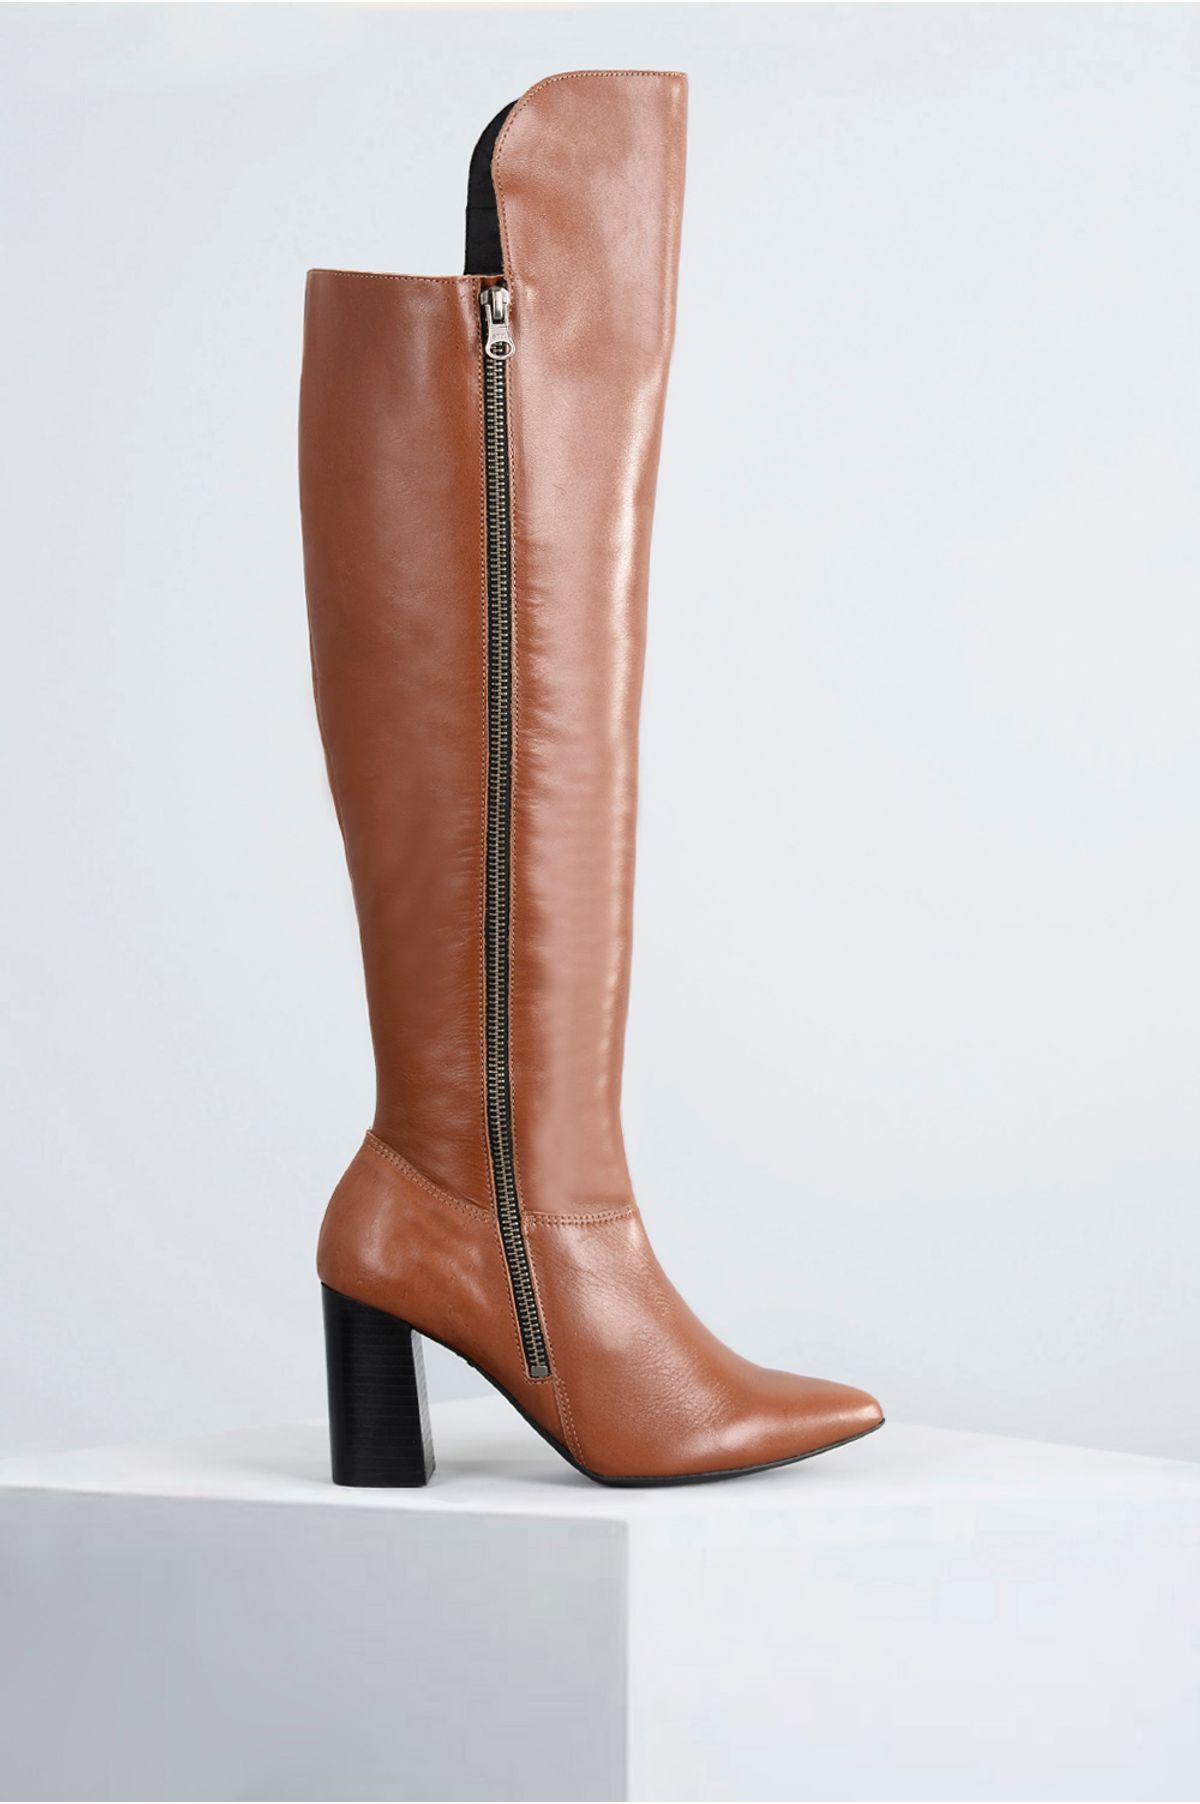 2b026ed7f4 Bota Feminina Cano Longo Shazy Mundial CR-CARAMELO - Mundial Calçados